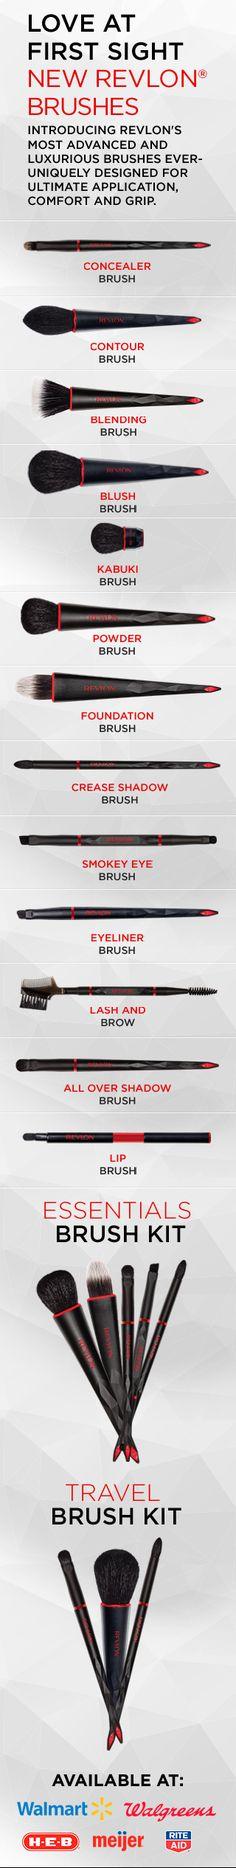 Revlon concealer brush